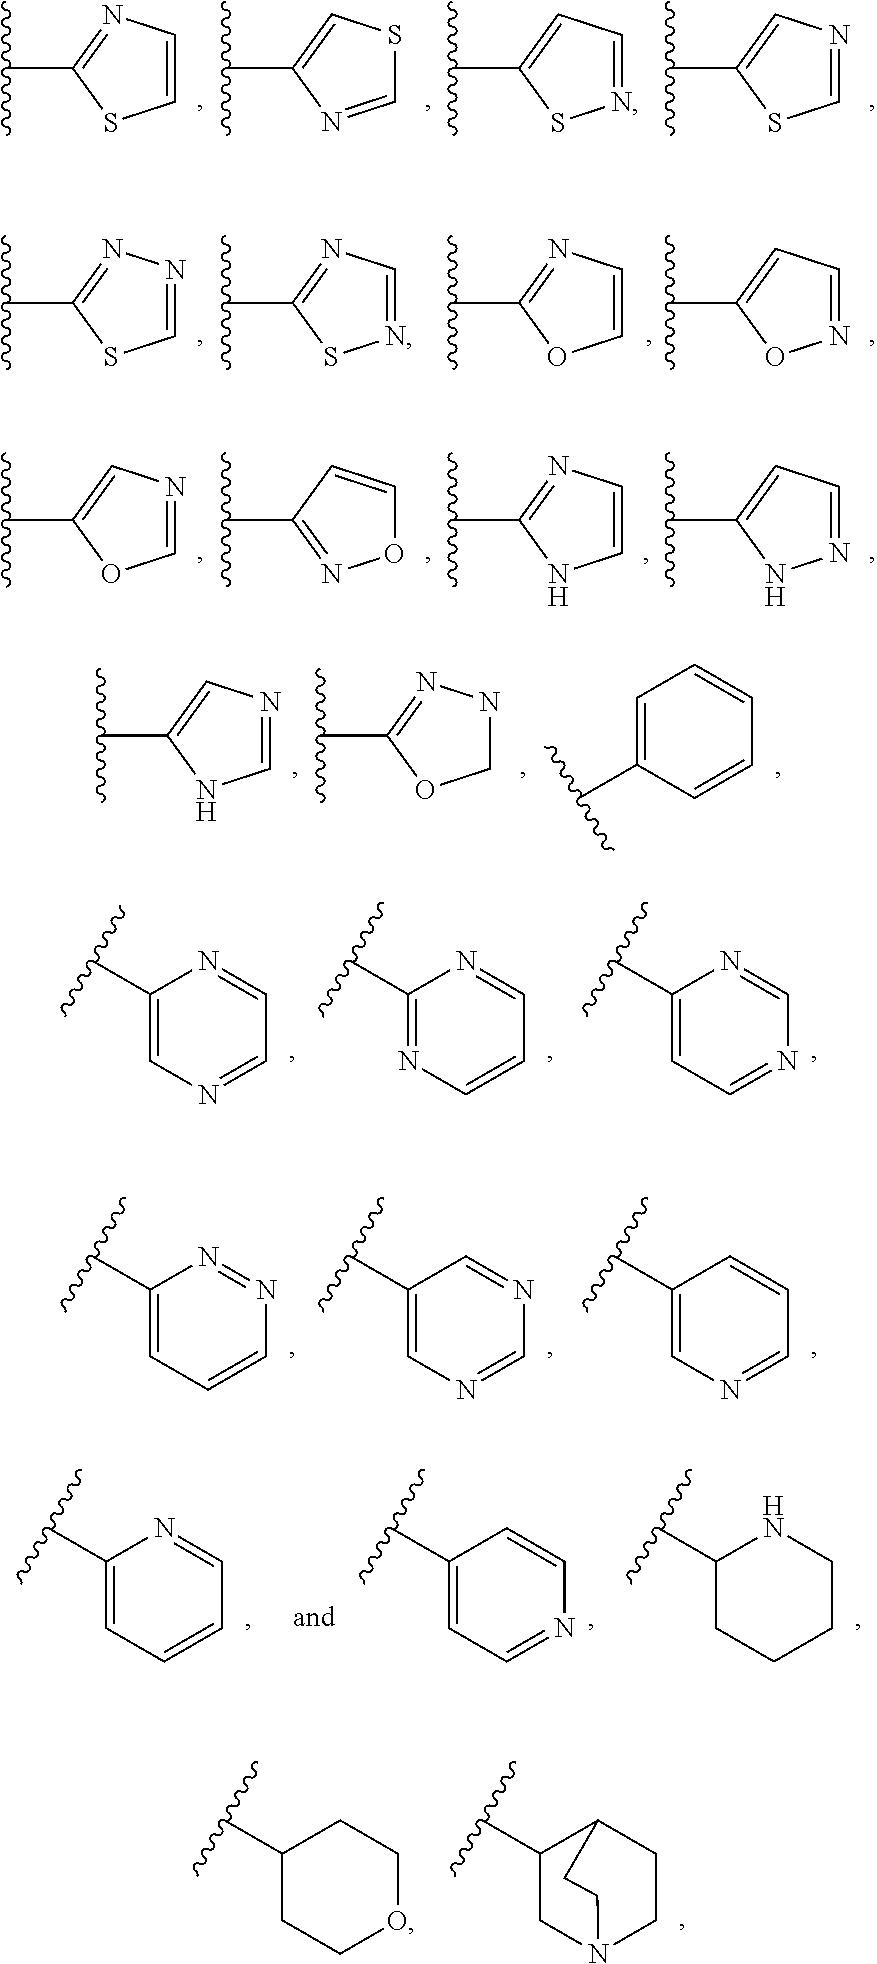 Figure US09326986-20160503-C00357